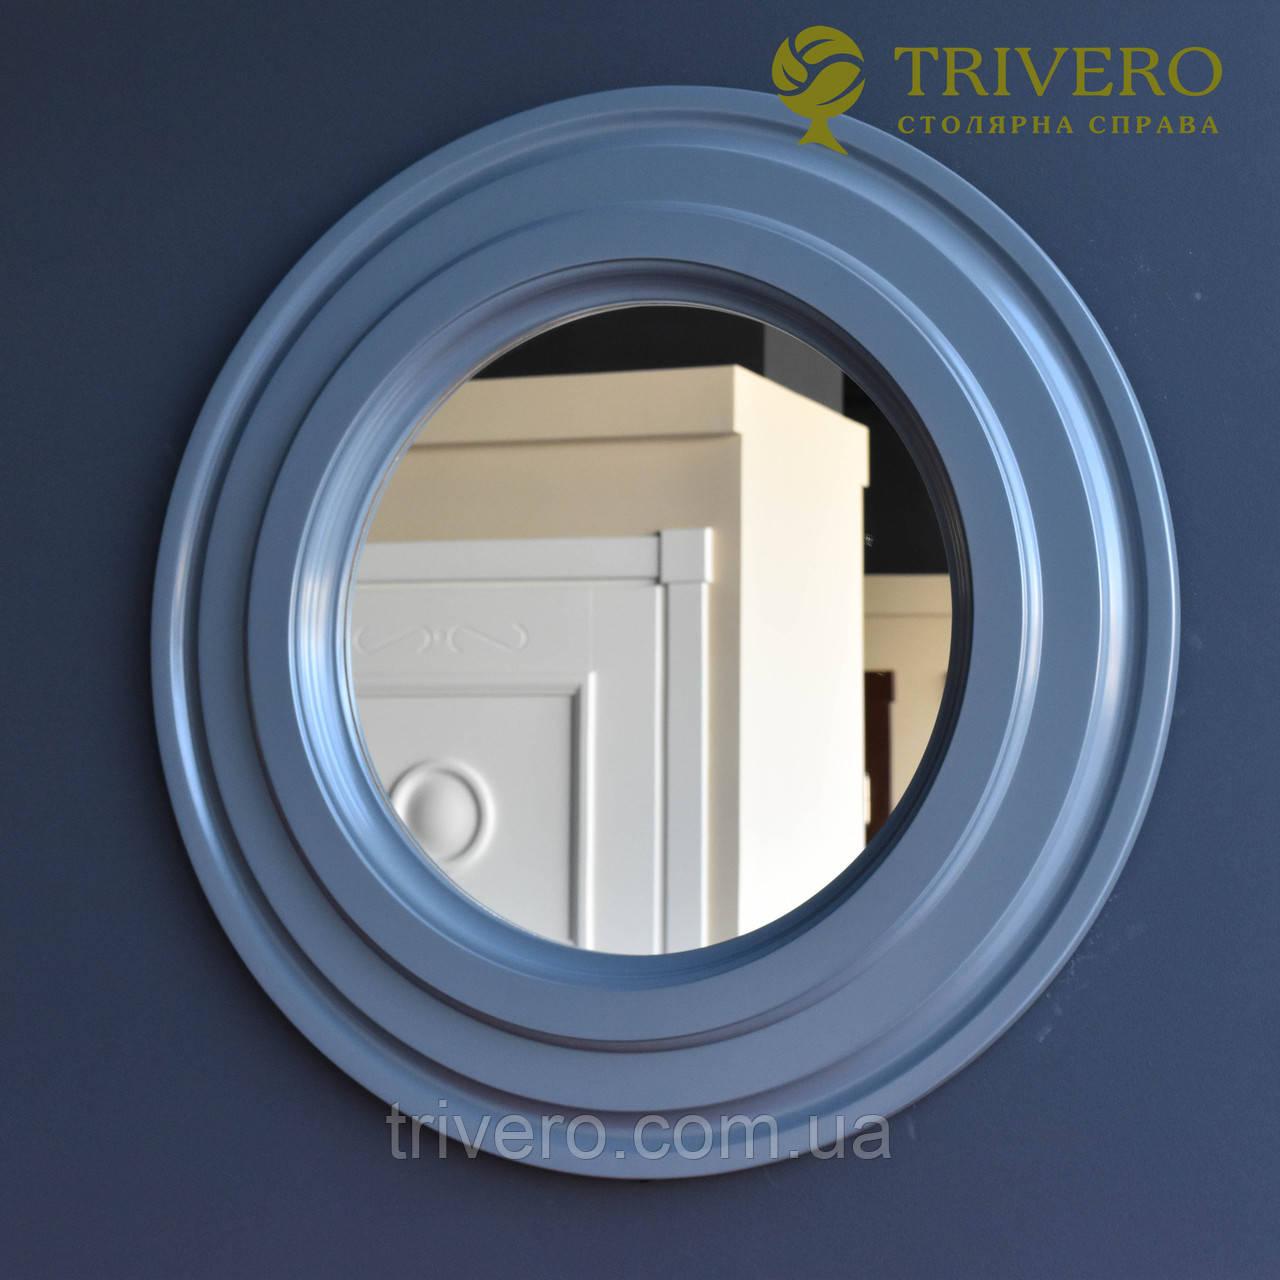 Круглое зеркало в деревянной раме Z-18102 серый